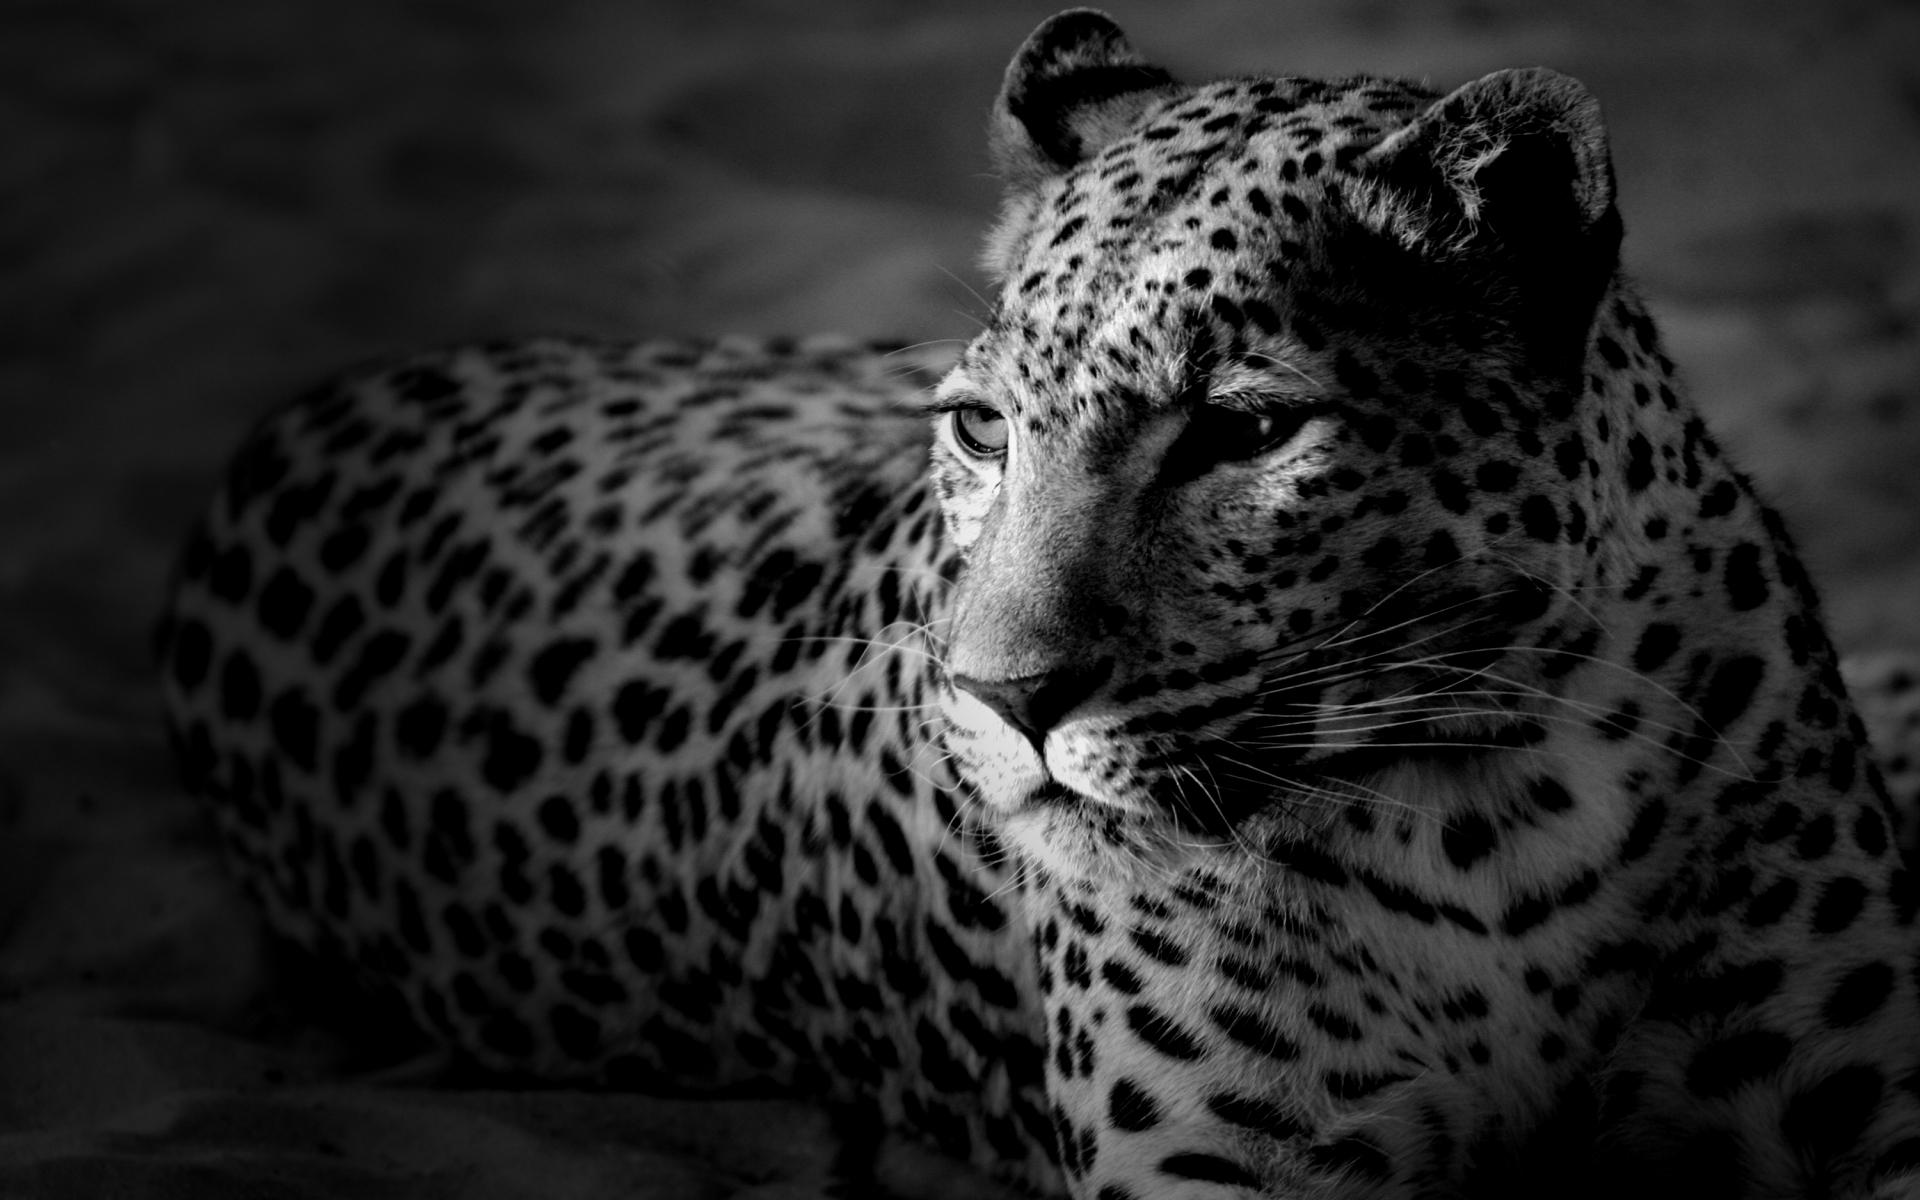 New Leopard Wallpaper Iphone ImageBankbiz 1920x1200